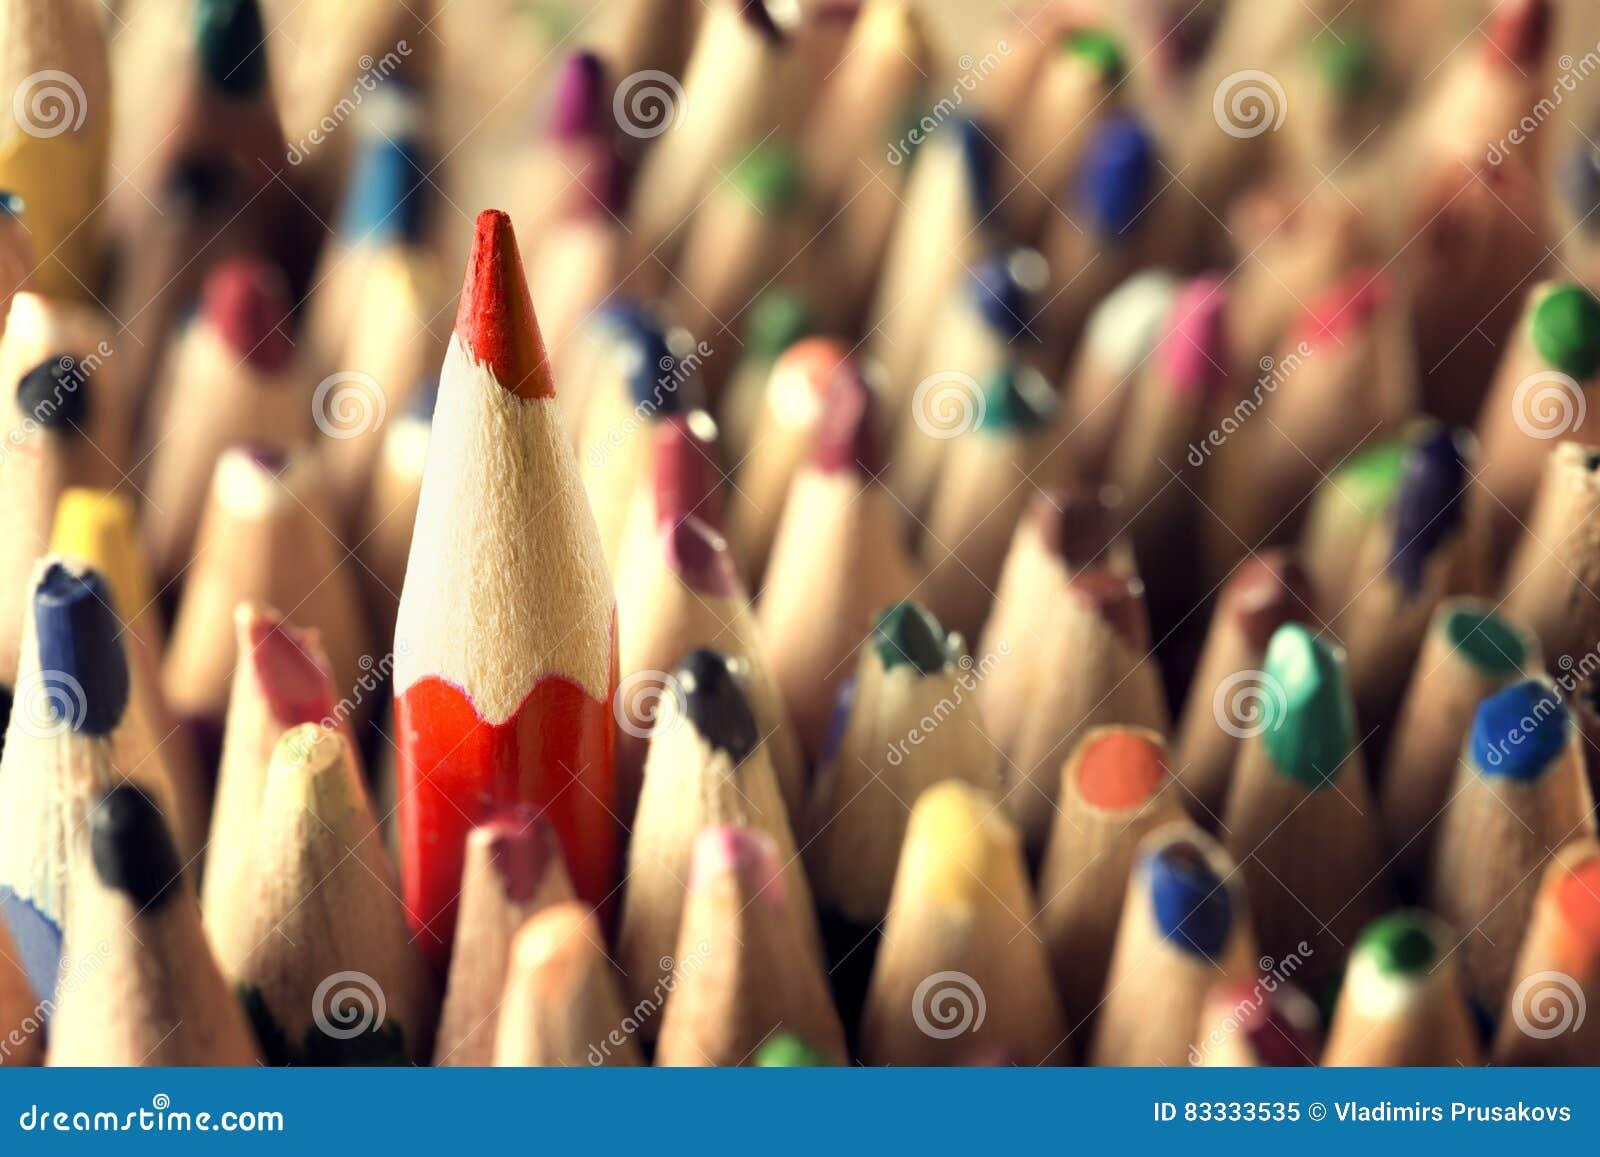 Концепция руководителя карандаша, острая в используемой толпе карандашей, новой идее